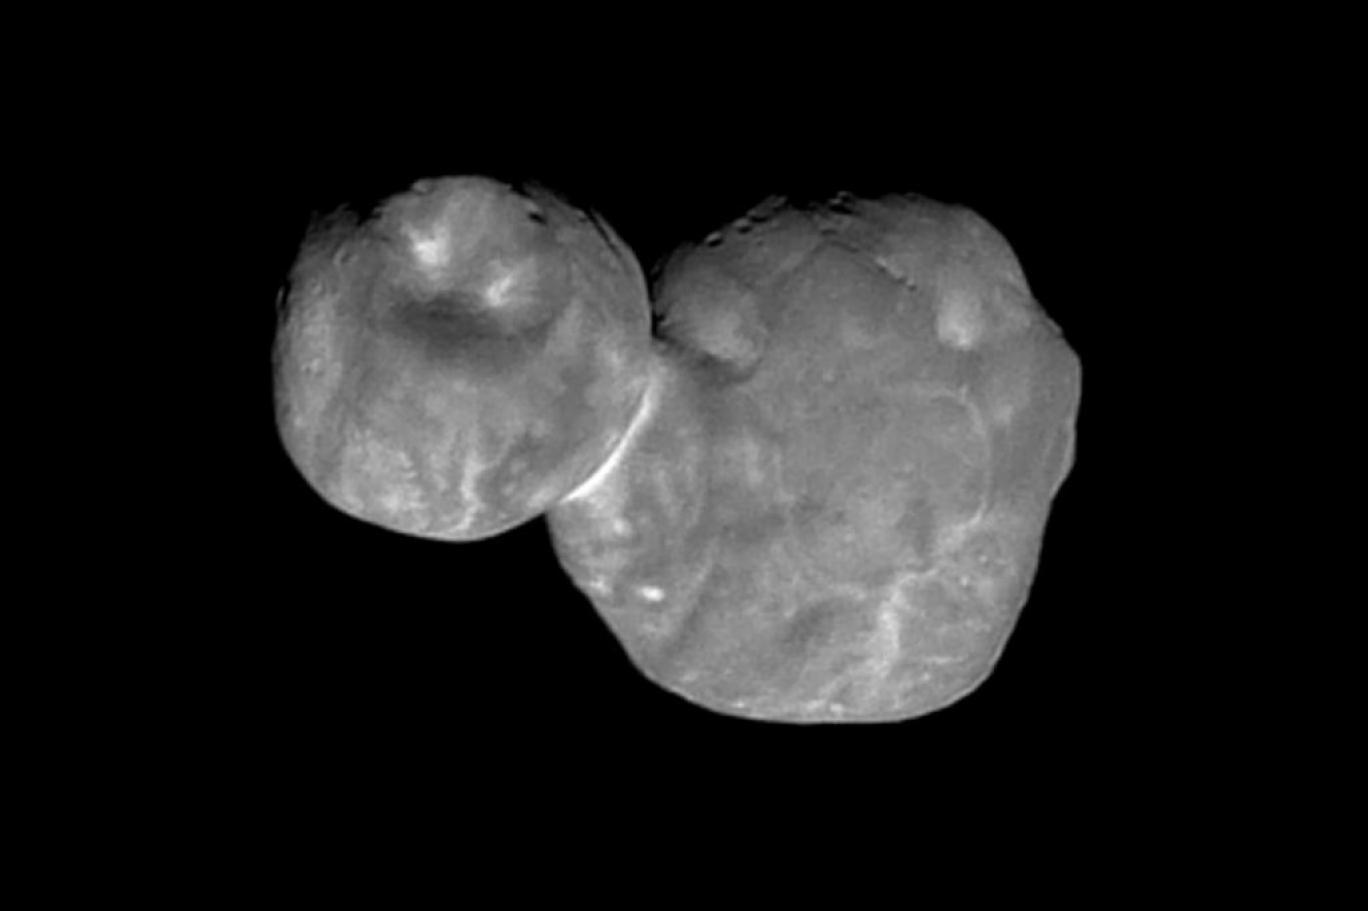 """جسم غريب الشكل في أقاصي النظام الشمسي يصدم علماء """"ناسا""""... """"لم نر شيئا مثله من قبل"""""""